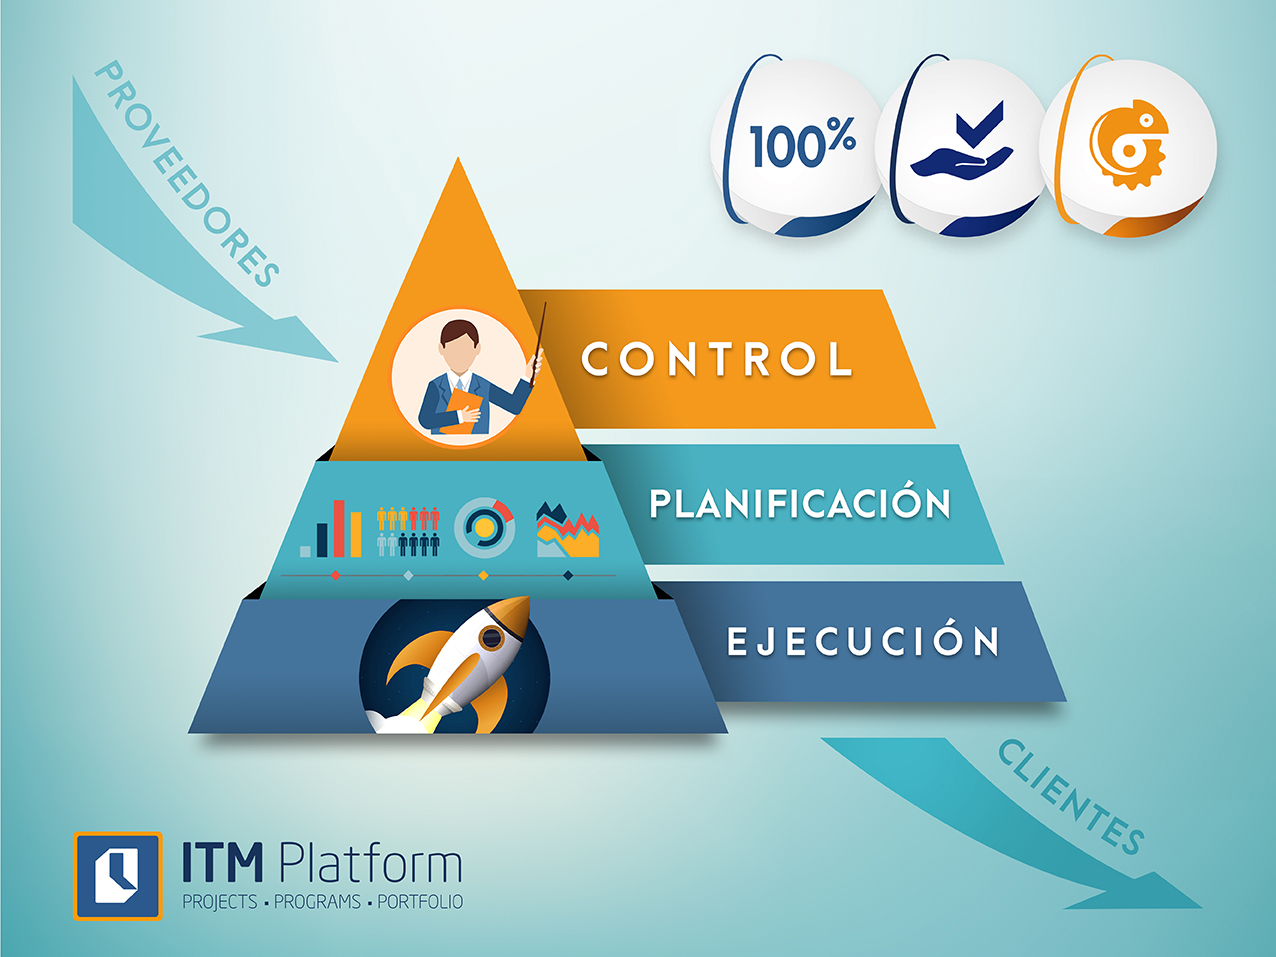 pirámide. ejecución, planificación, control, de proveedores a clientes